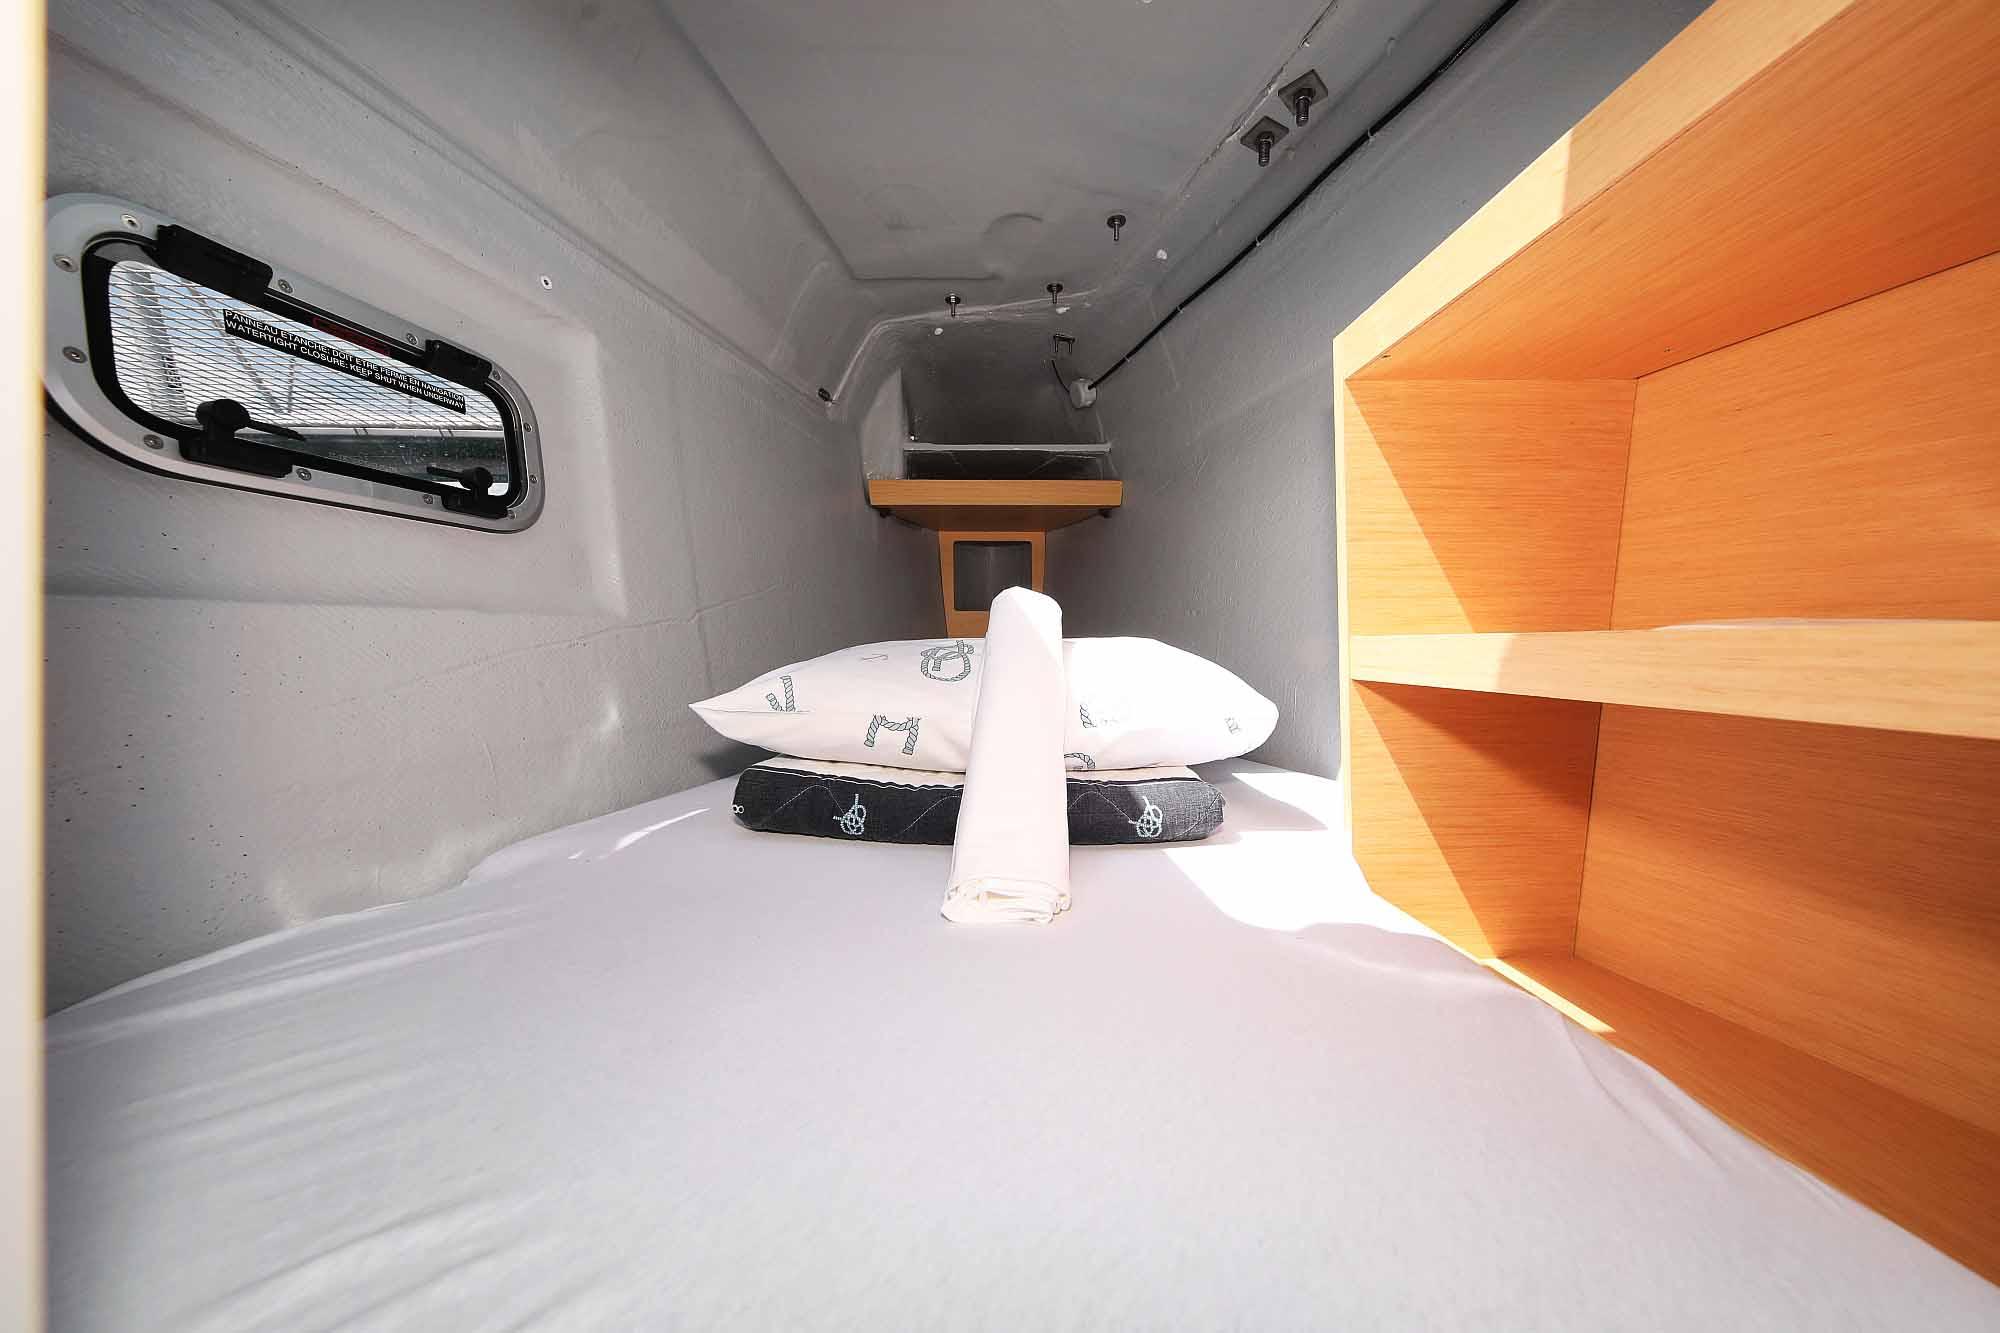 Bugspirtze kabine von Laggon 42 janny